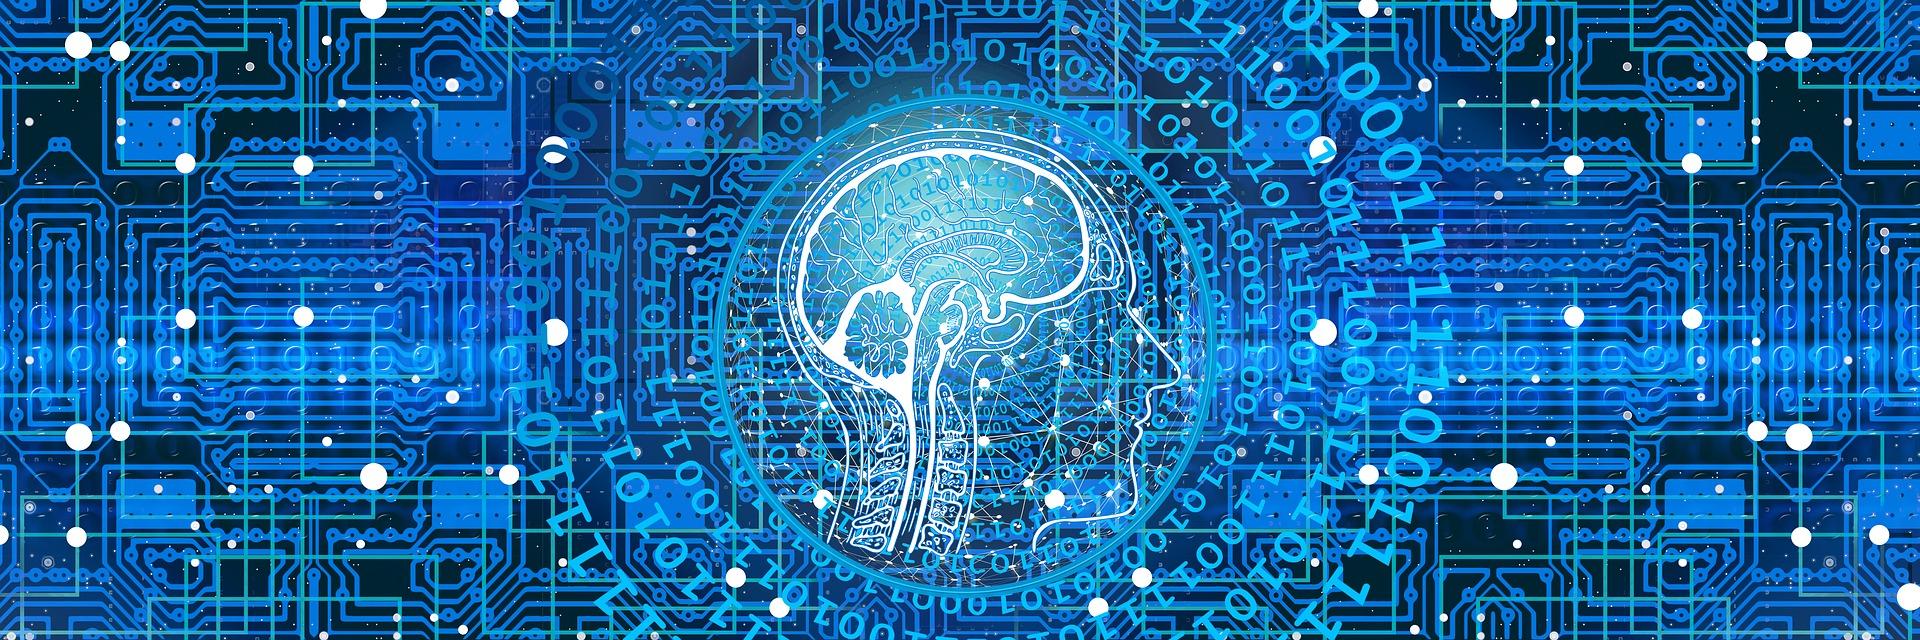 Digitale geheugentest net zo goed als test op papier